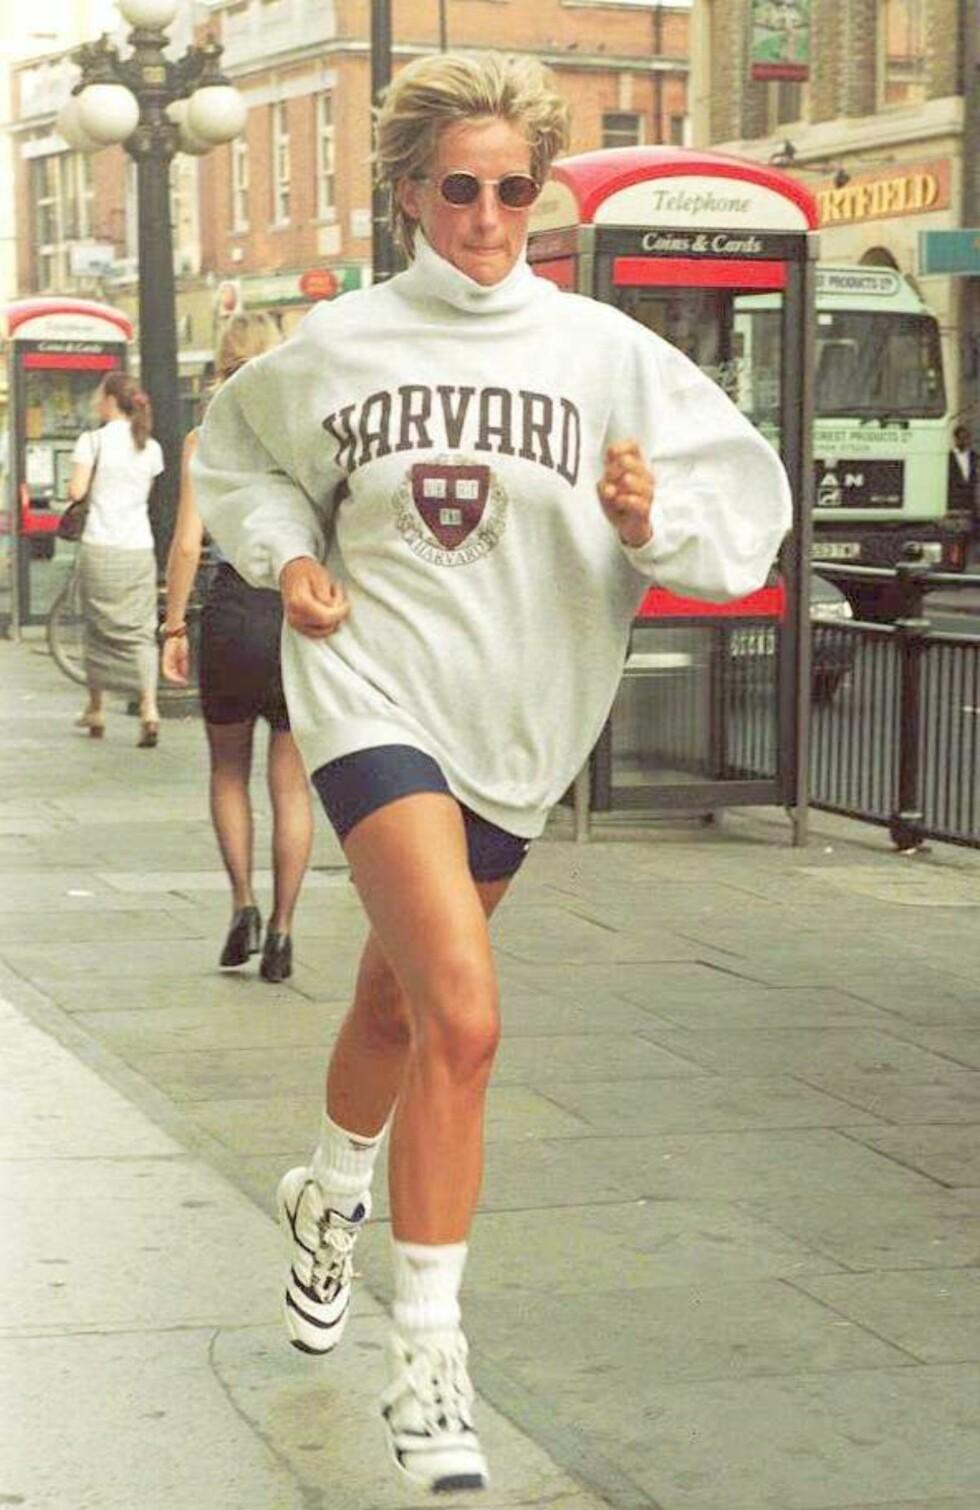 SPORTY: Diana likte å holde seg i form. Her ble hun fotografert løpende på vei til bilen sin etter en treningsøkt i London den 21. august 1997 - 10 dager før hun ble drept i den fatale bilulykken i Paris. Foto: NTB Scanpix